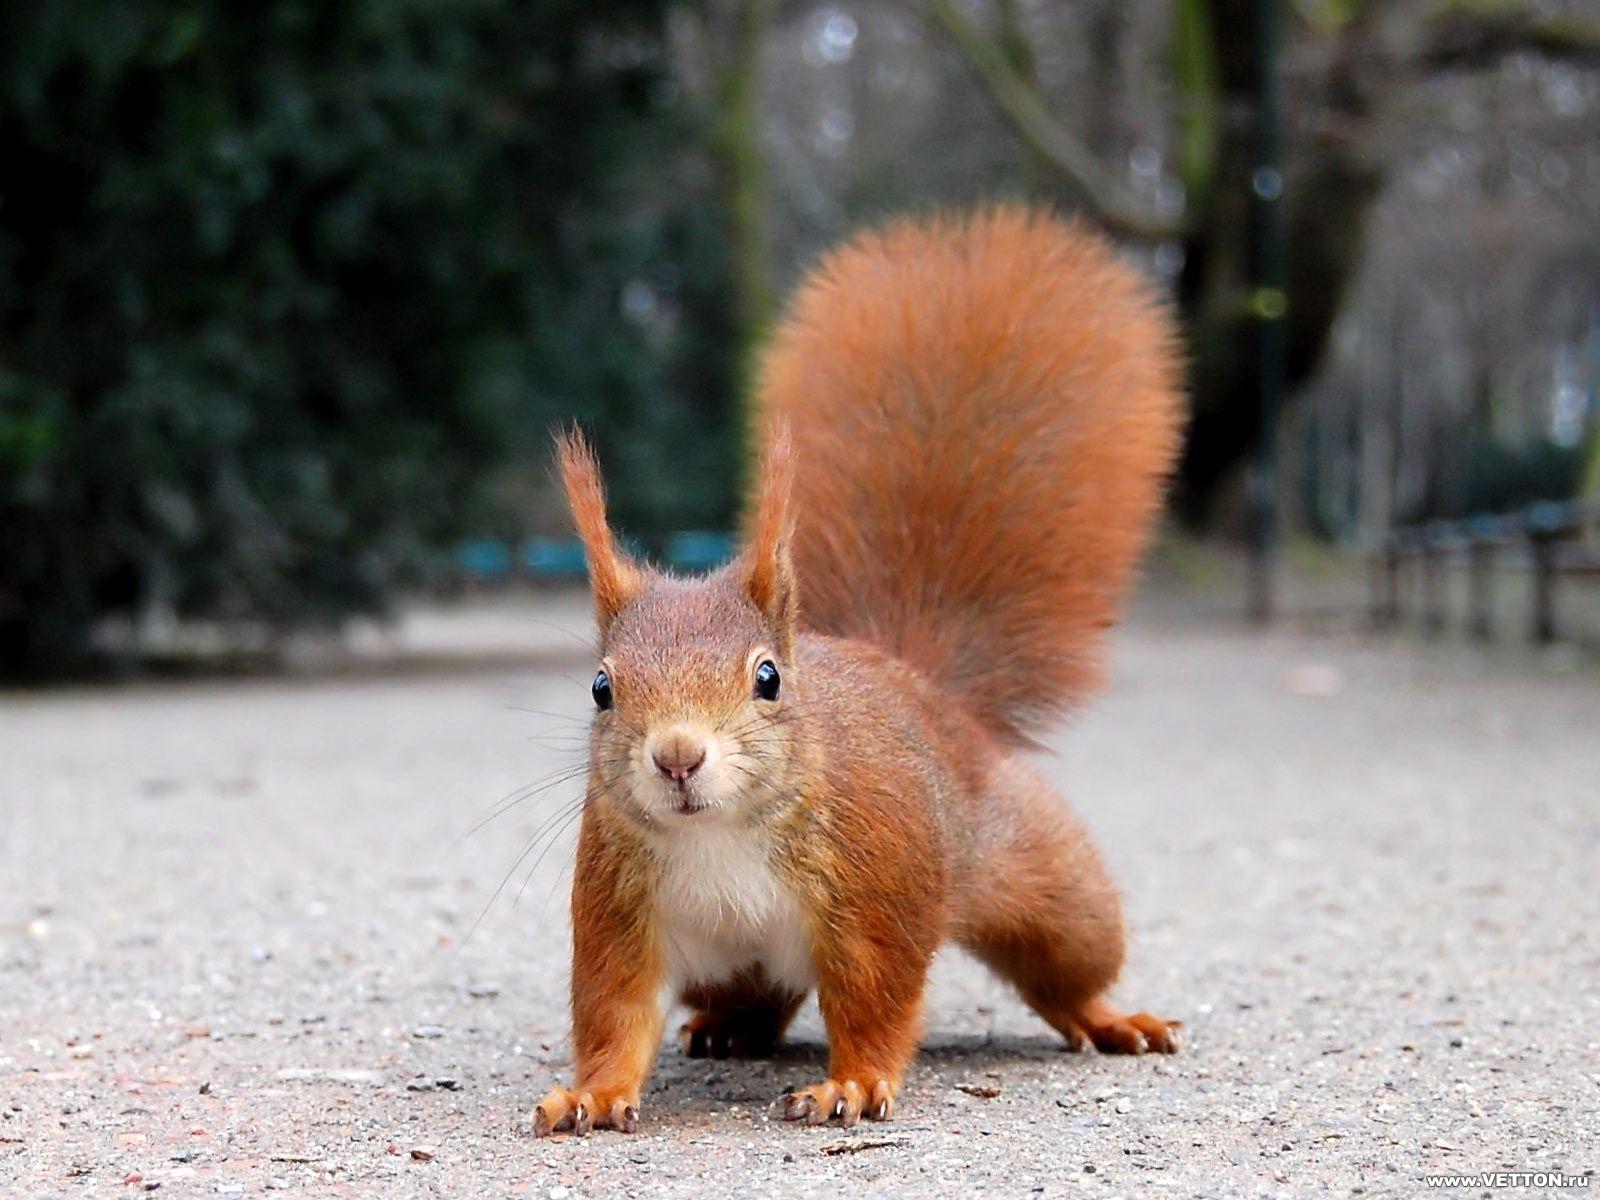 6294 Hintergrundbild herunterladen Tiere, Eichhörnchen, Nagetiere - Bildschirmschoner und Bilder kostenlos